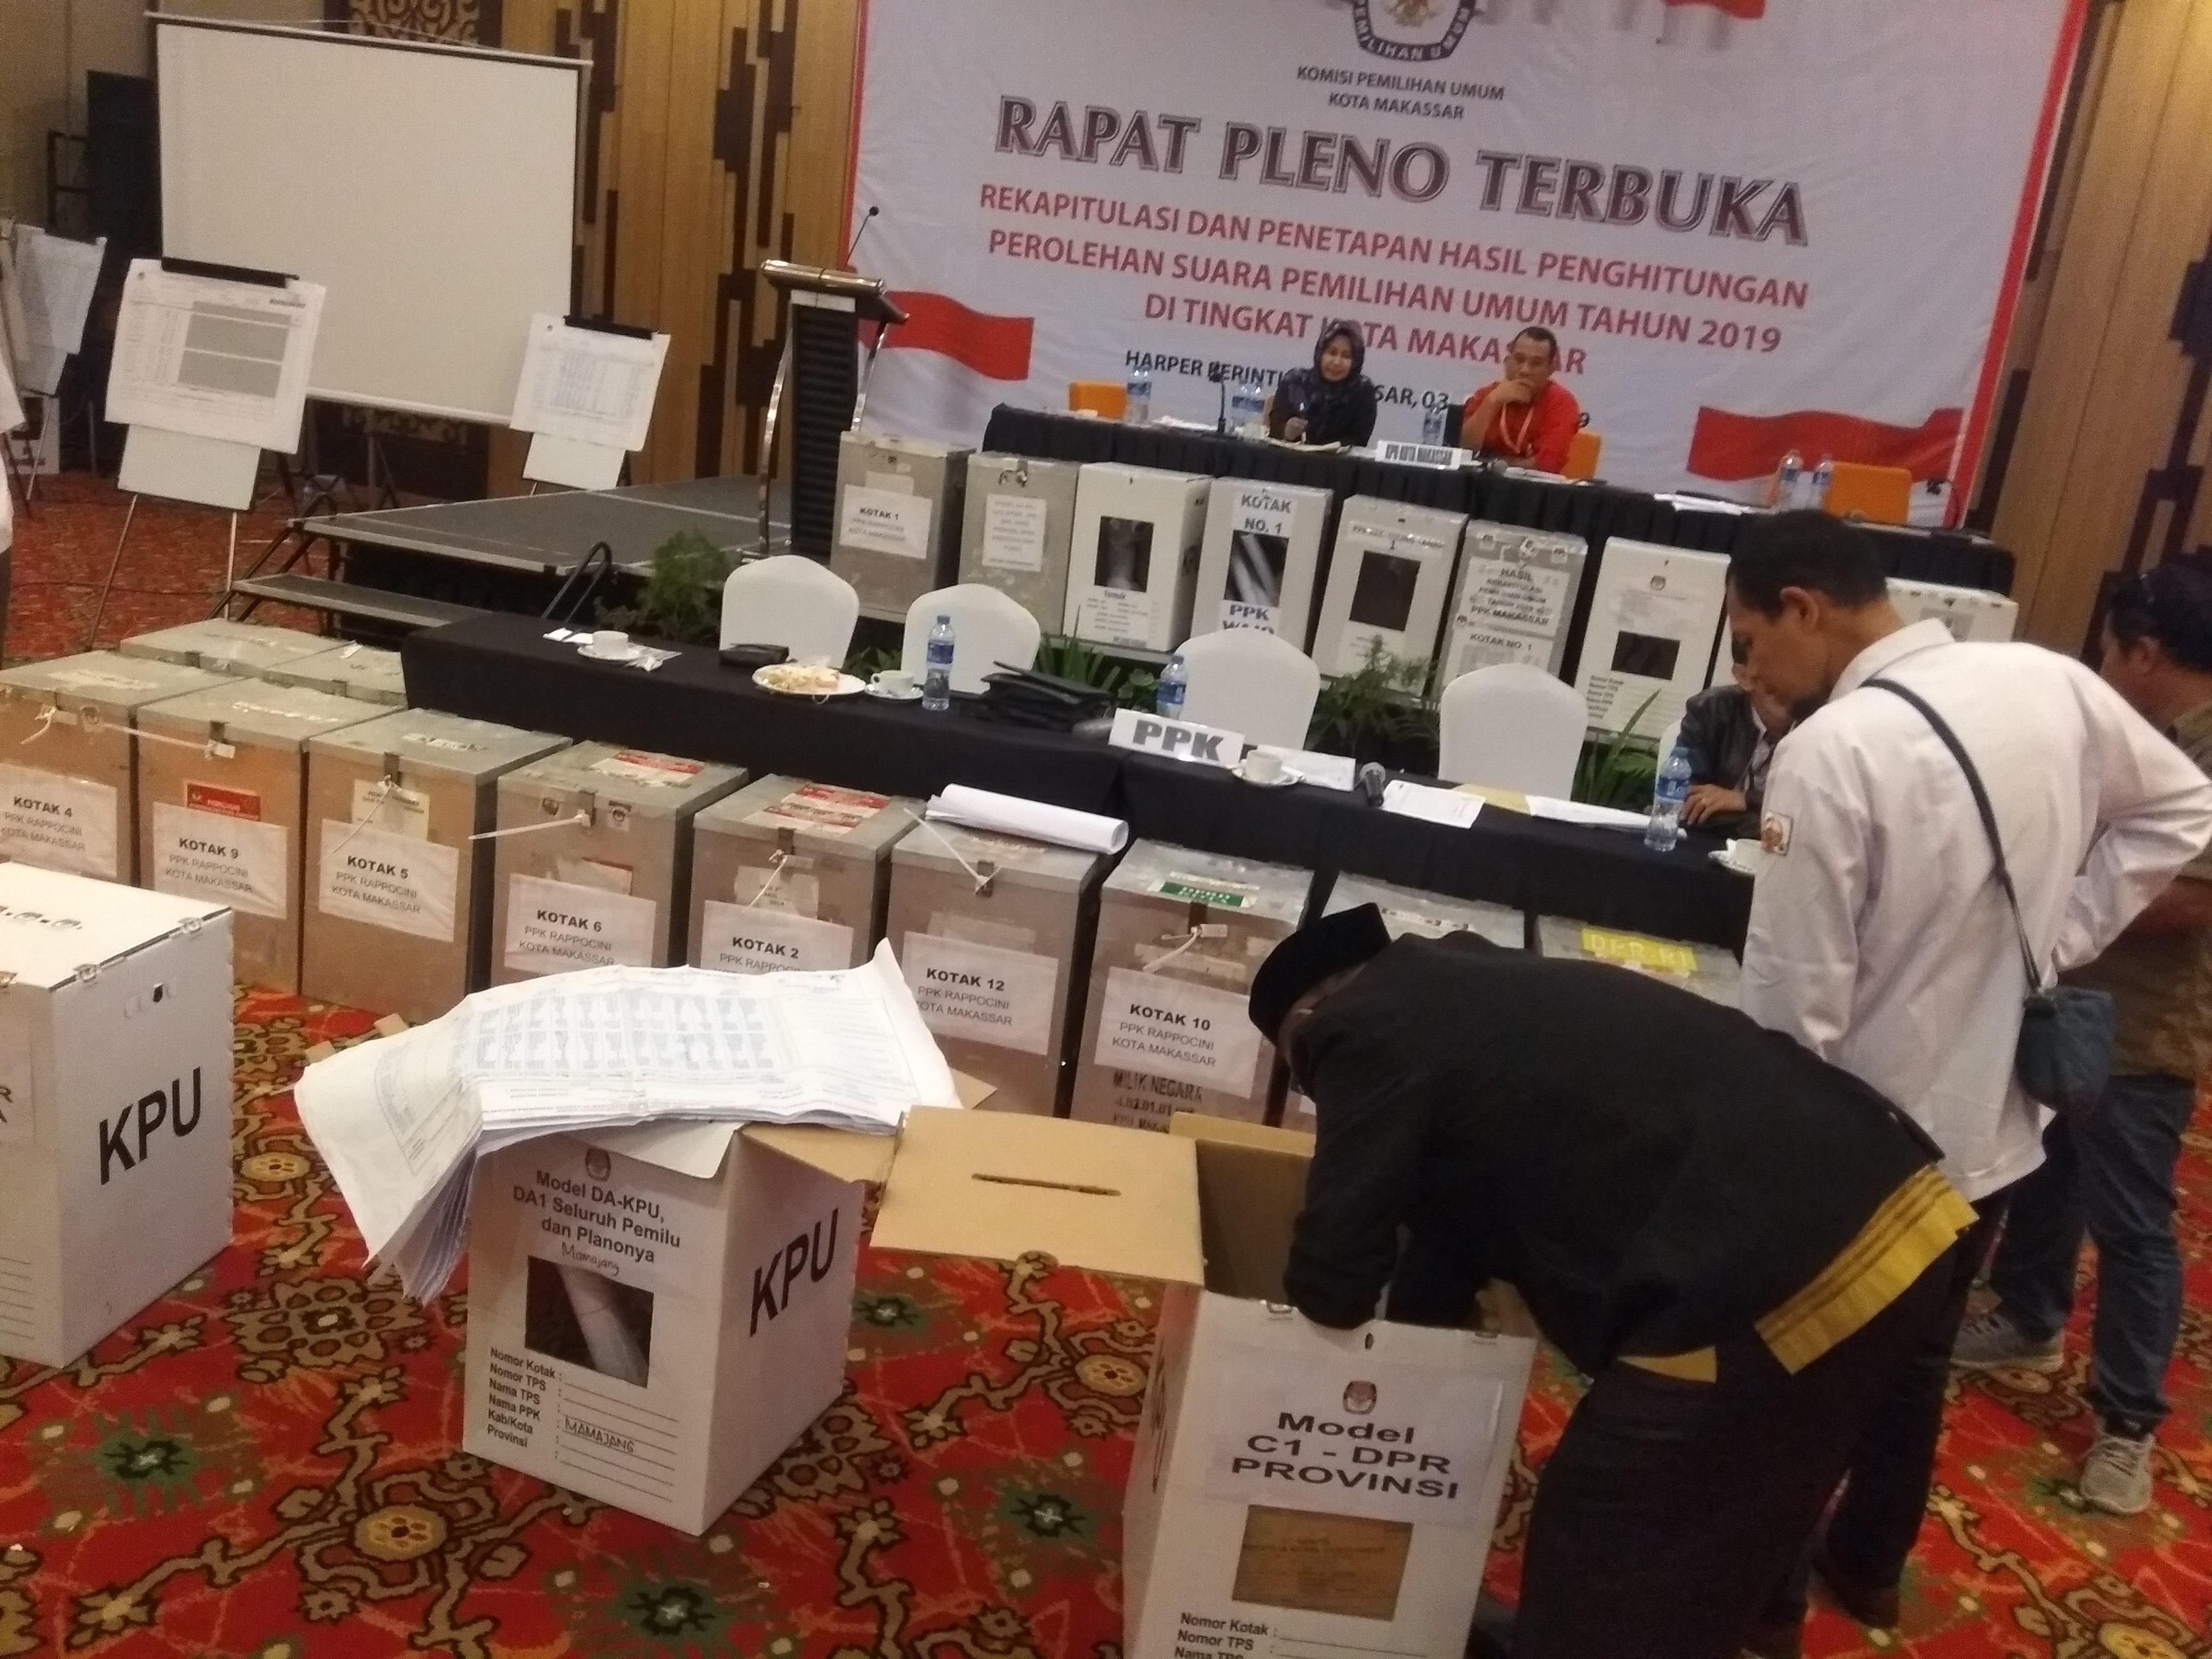 Ini Jumlah Perolehan Suara Caleg dari Seluruh Partai Politik di Kecamatan Mamajang